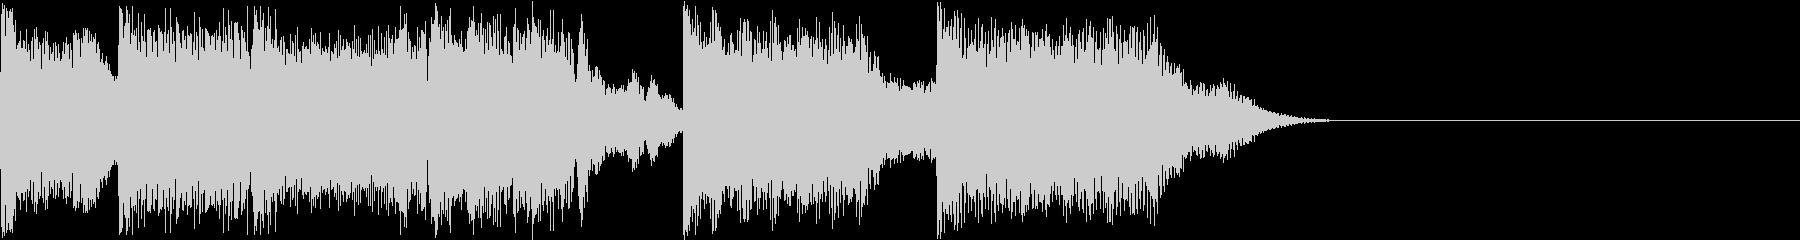 AI メカ/ロボ/マシン動作音 32の未再生の波形